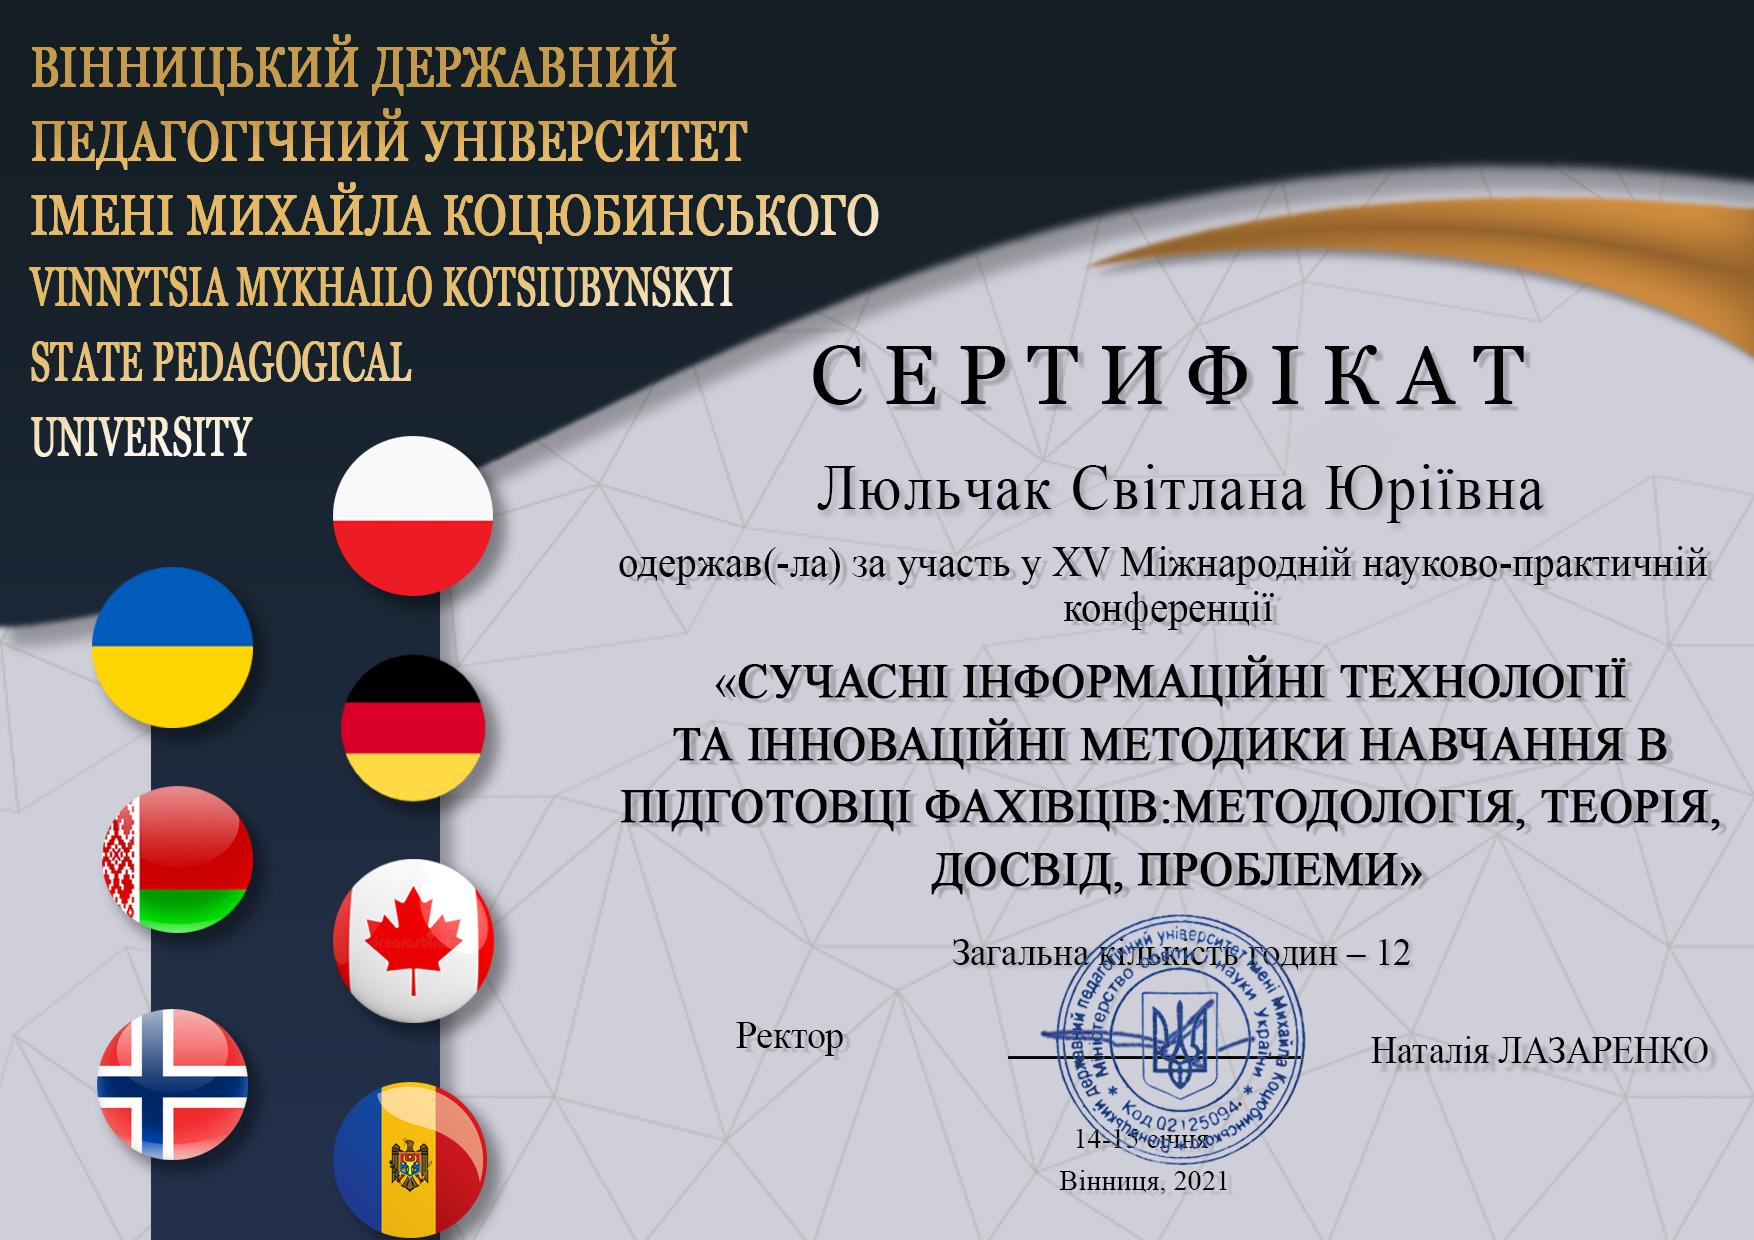 Люльчак Світлана Юріївна